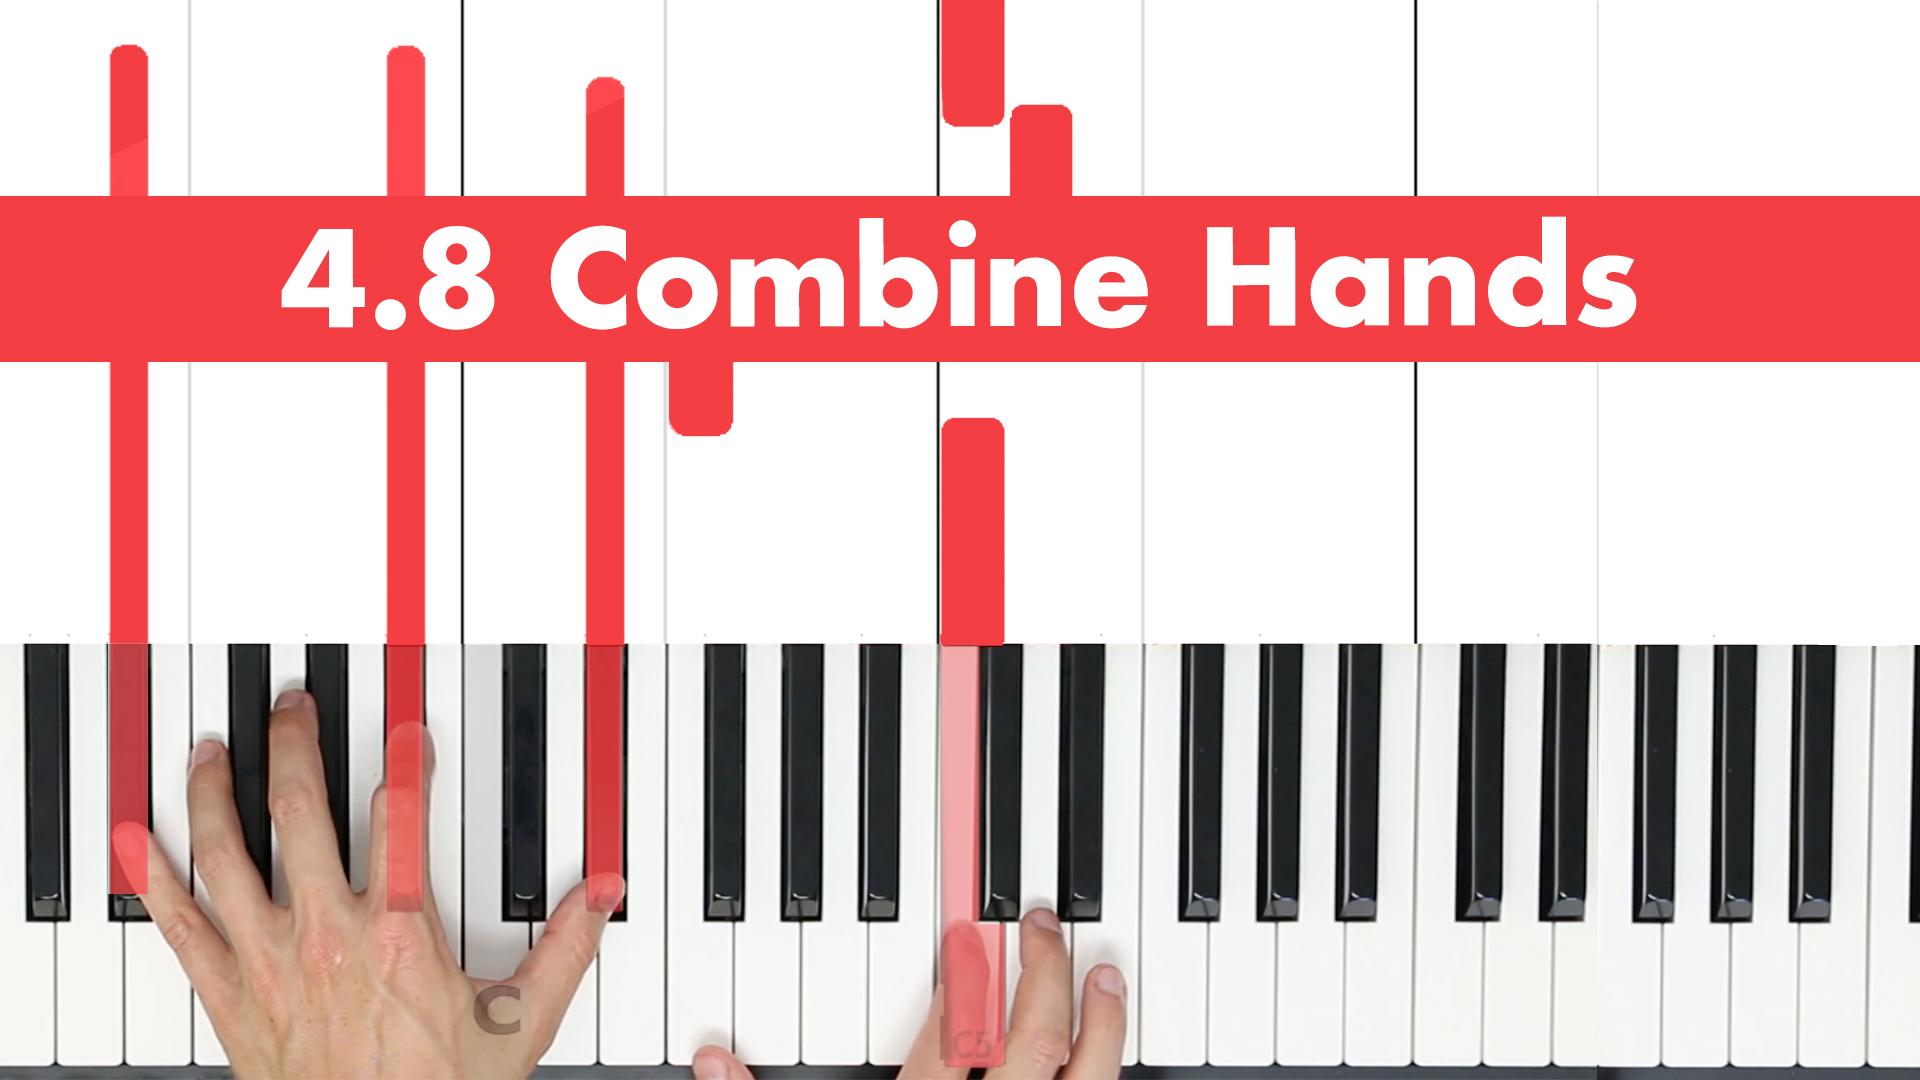 4.8 Combine Hands